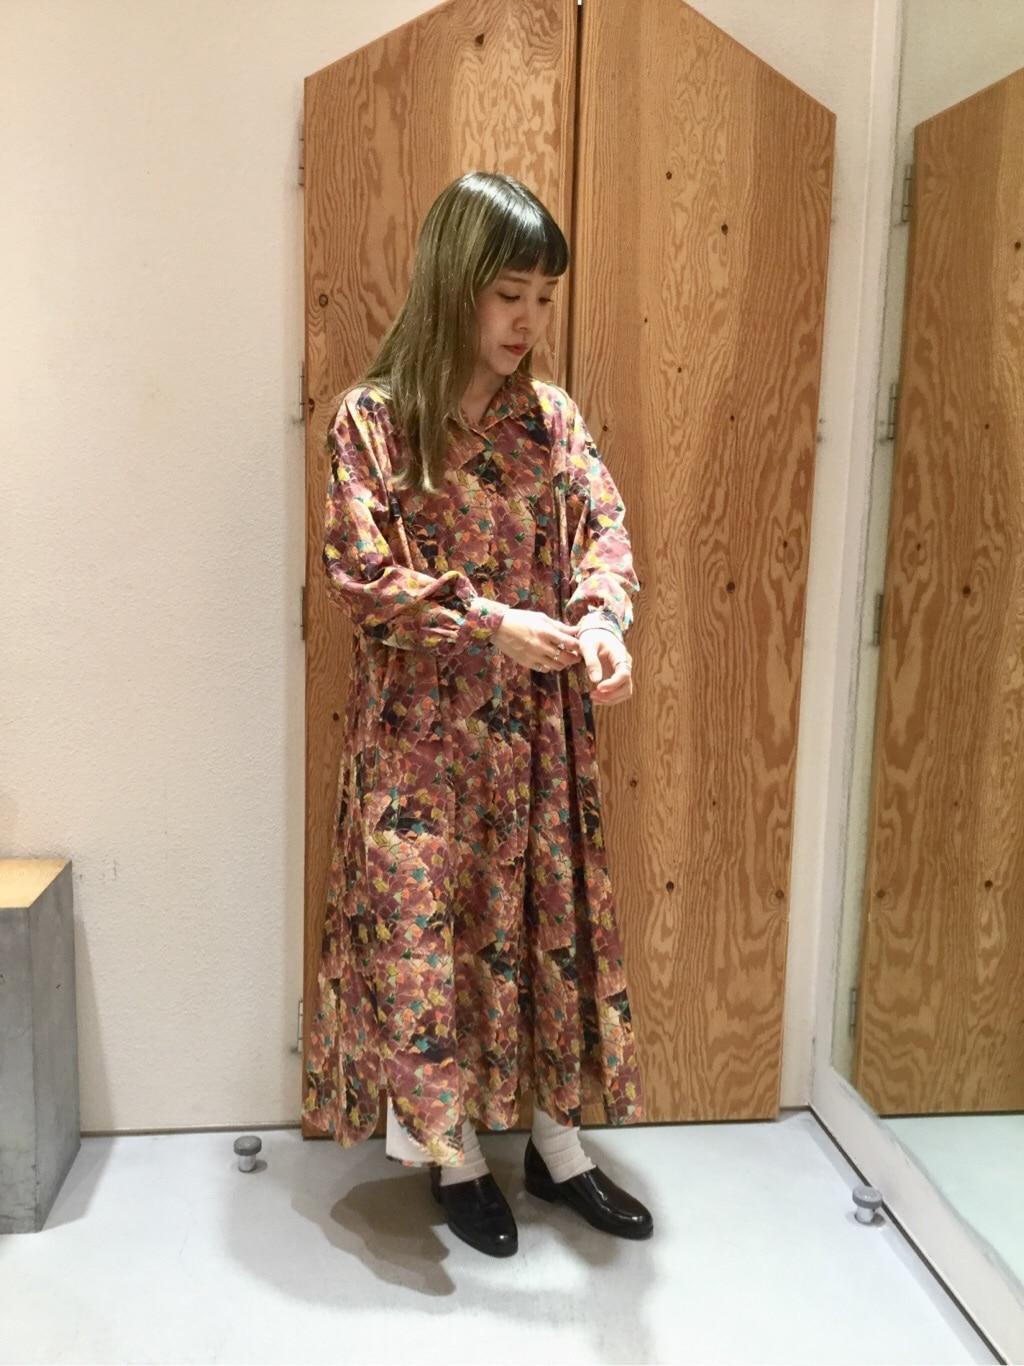 l'atelier du savon グランフロント大阪 身長:155cm 2019.09.12